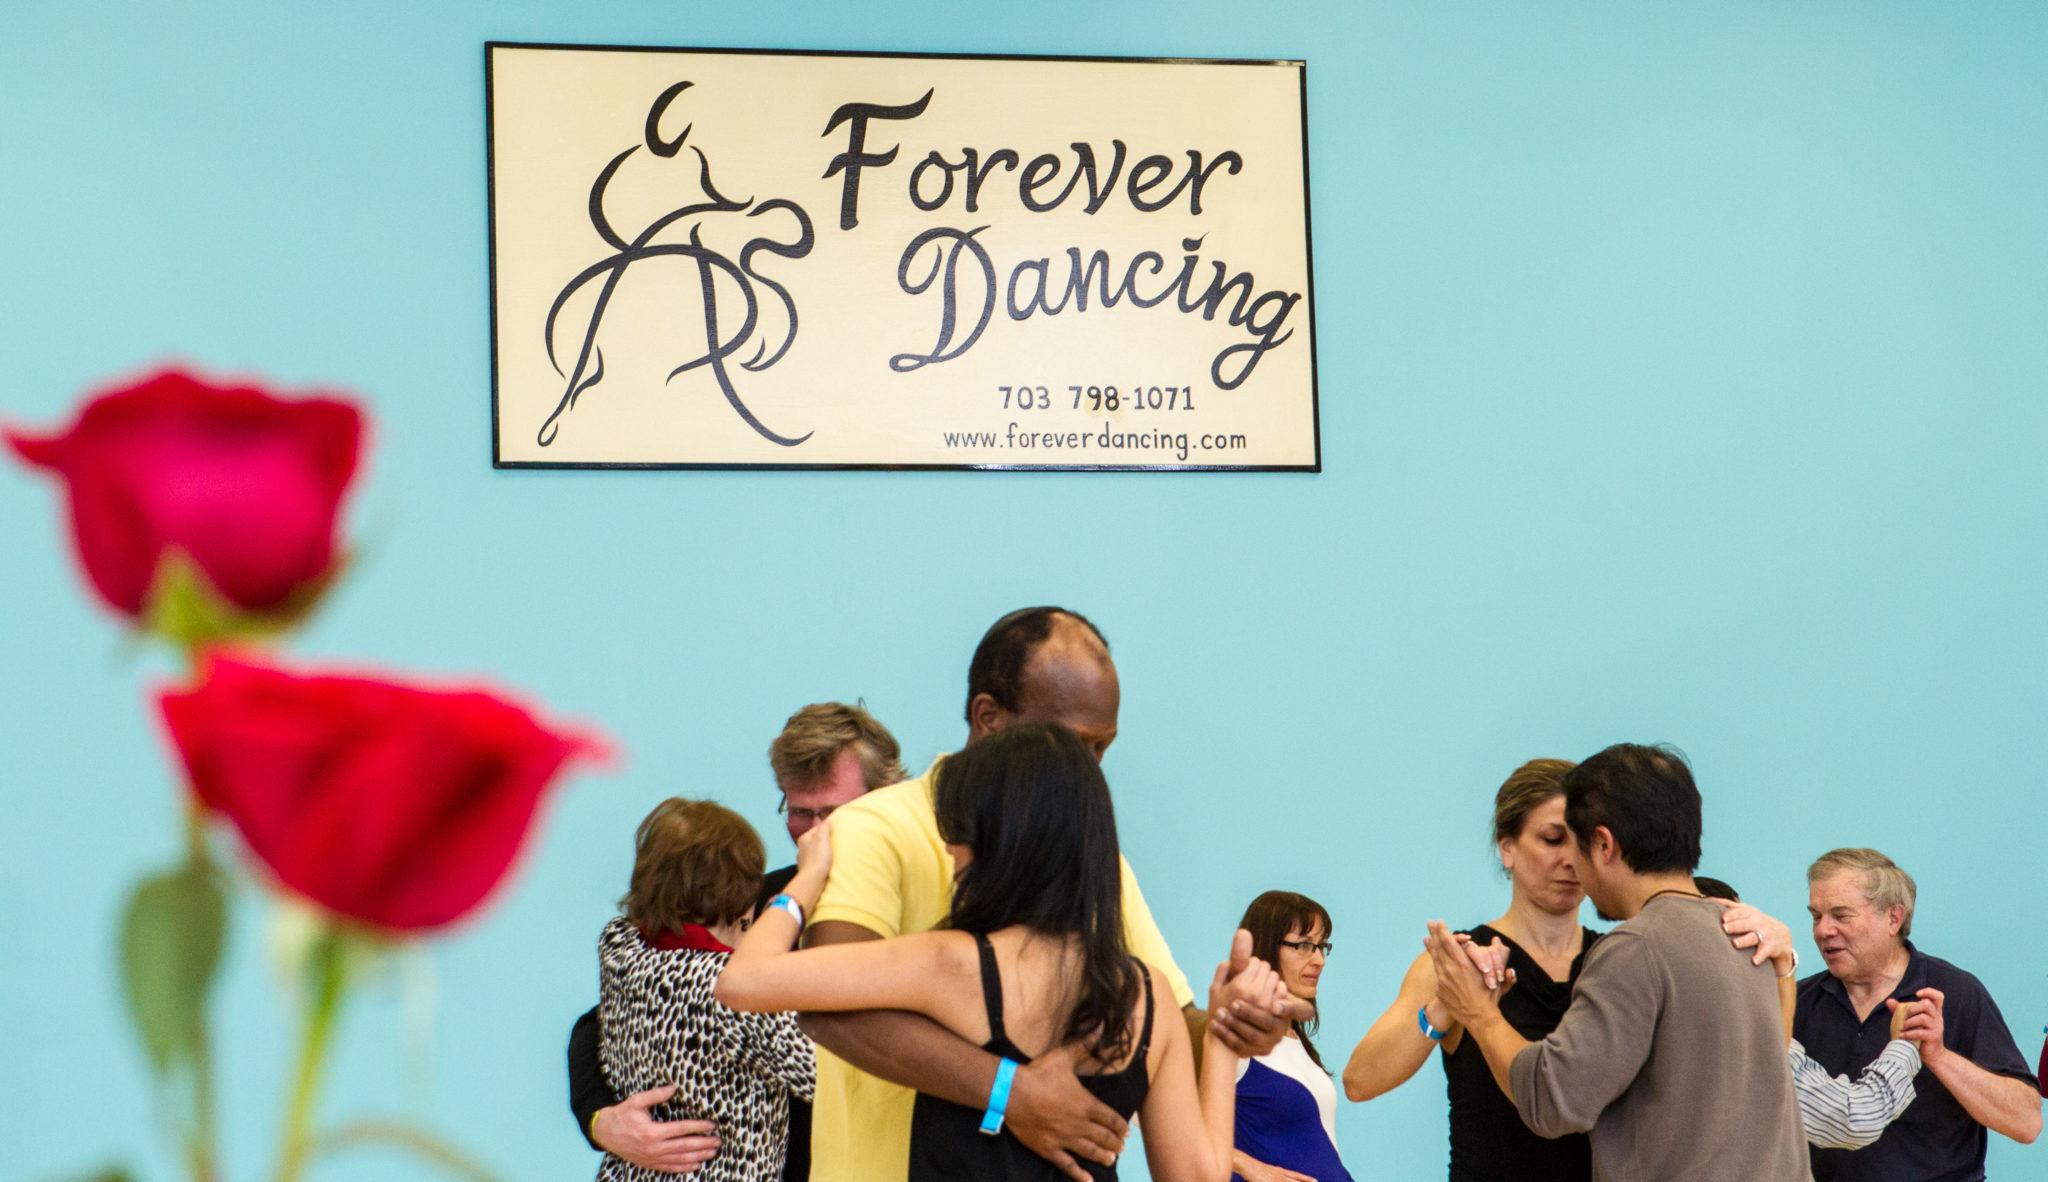 Social Dances Partner Dance Competitive Dances Instruction